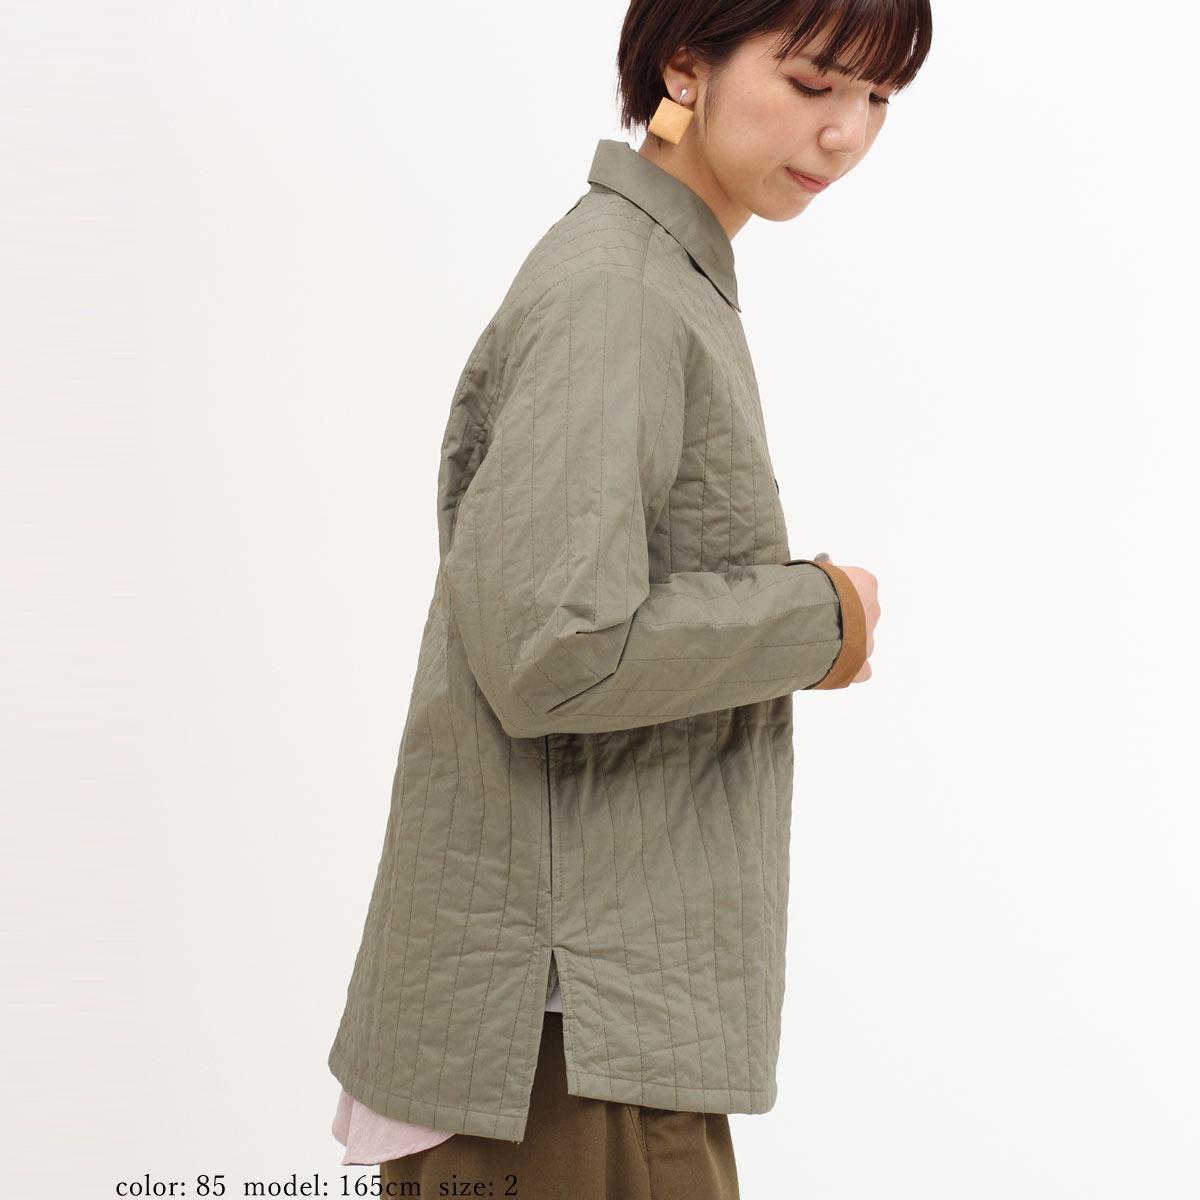 M・J・G■暖■ キルトシャツ GMT685